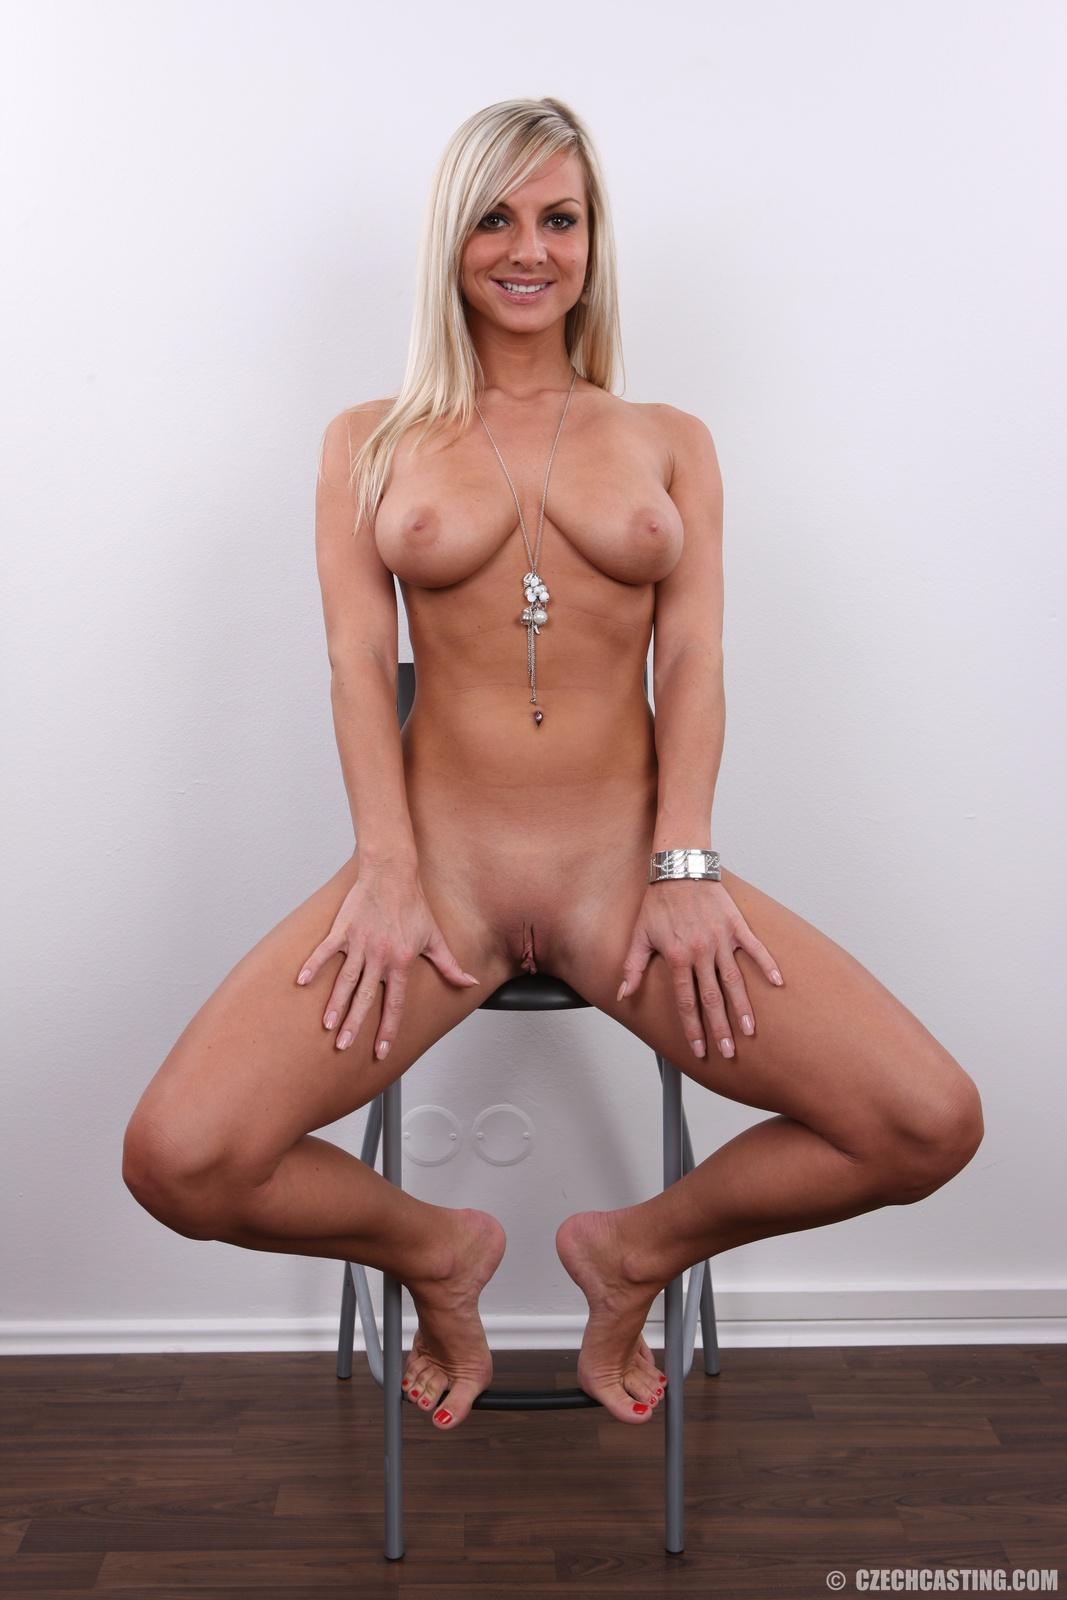 Фото чешские девушки на порно кастинге 28 фотография